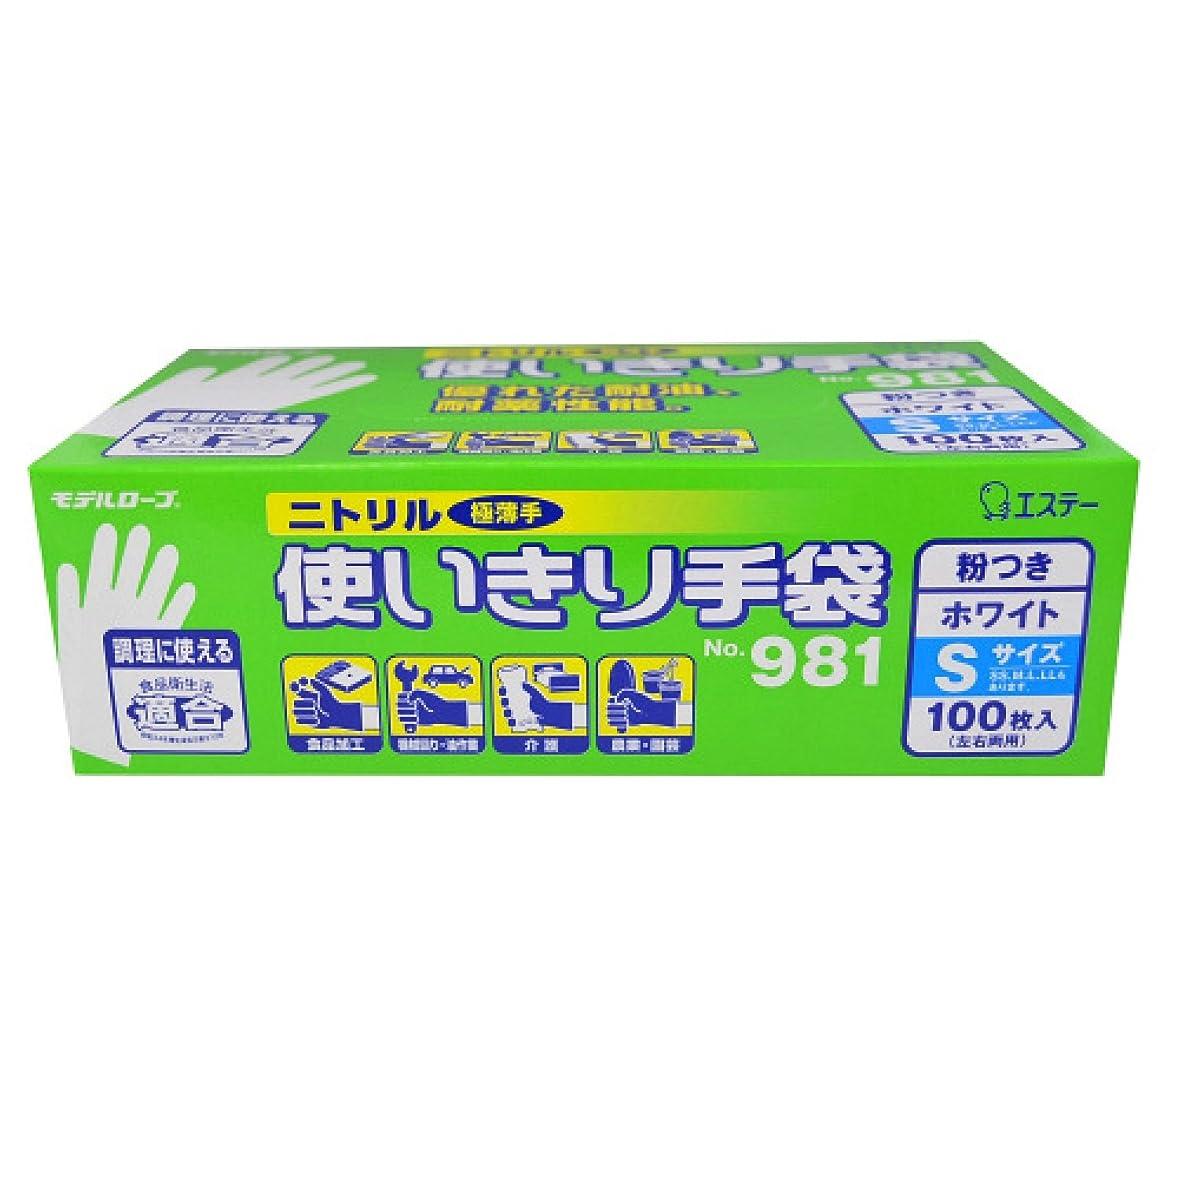 フックレジ公エステー/ニトリル使いきり手袋 箱入 (粉つき) [100枚入]/品番:981 サイズ:S カラー:ブルー